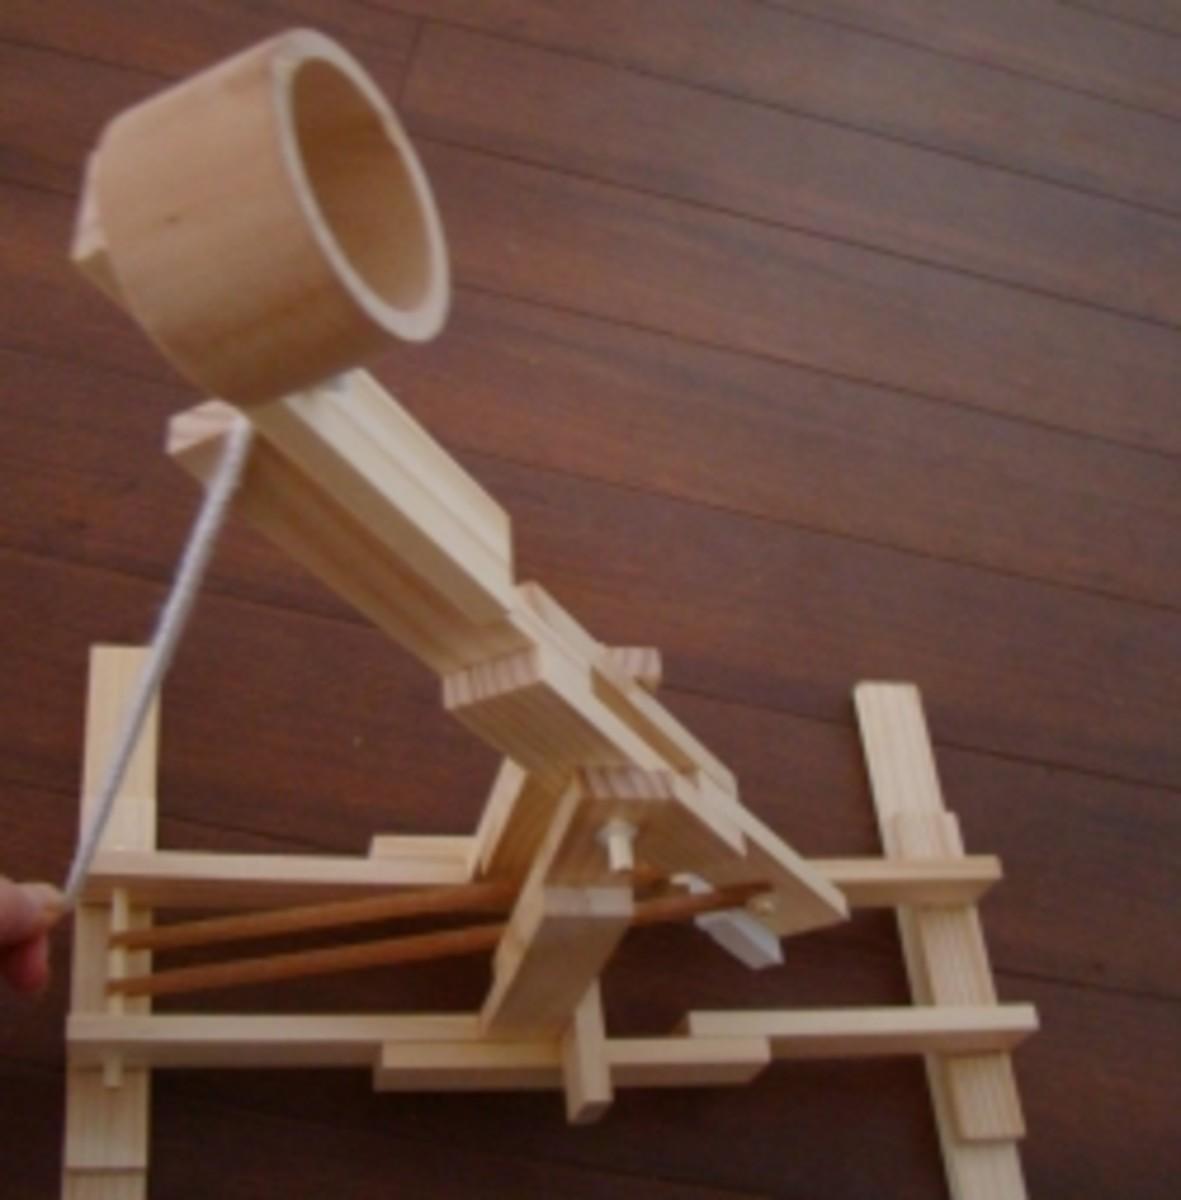 Homemade catapult from kit